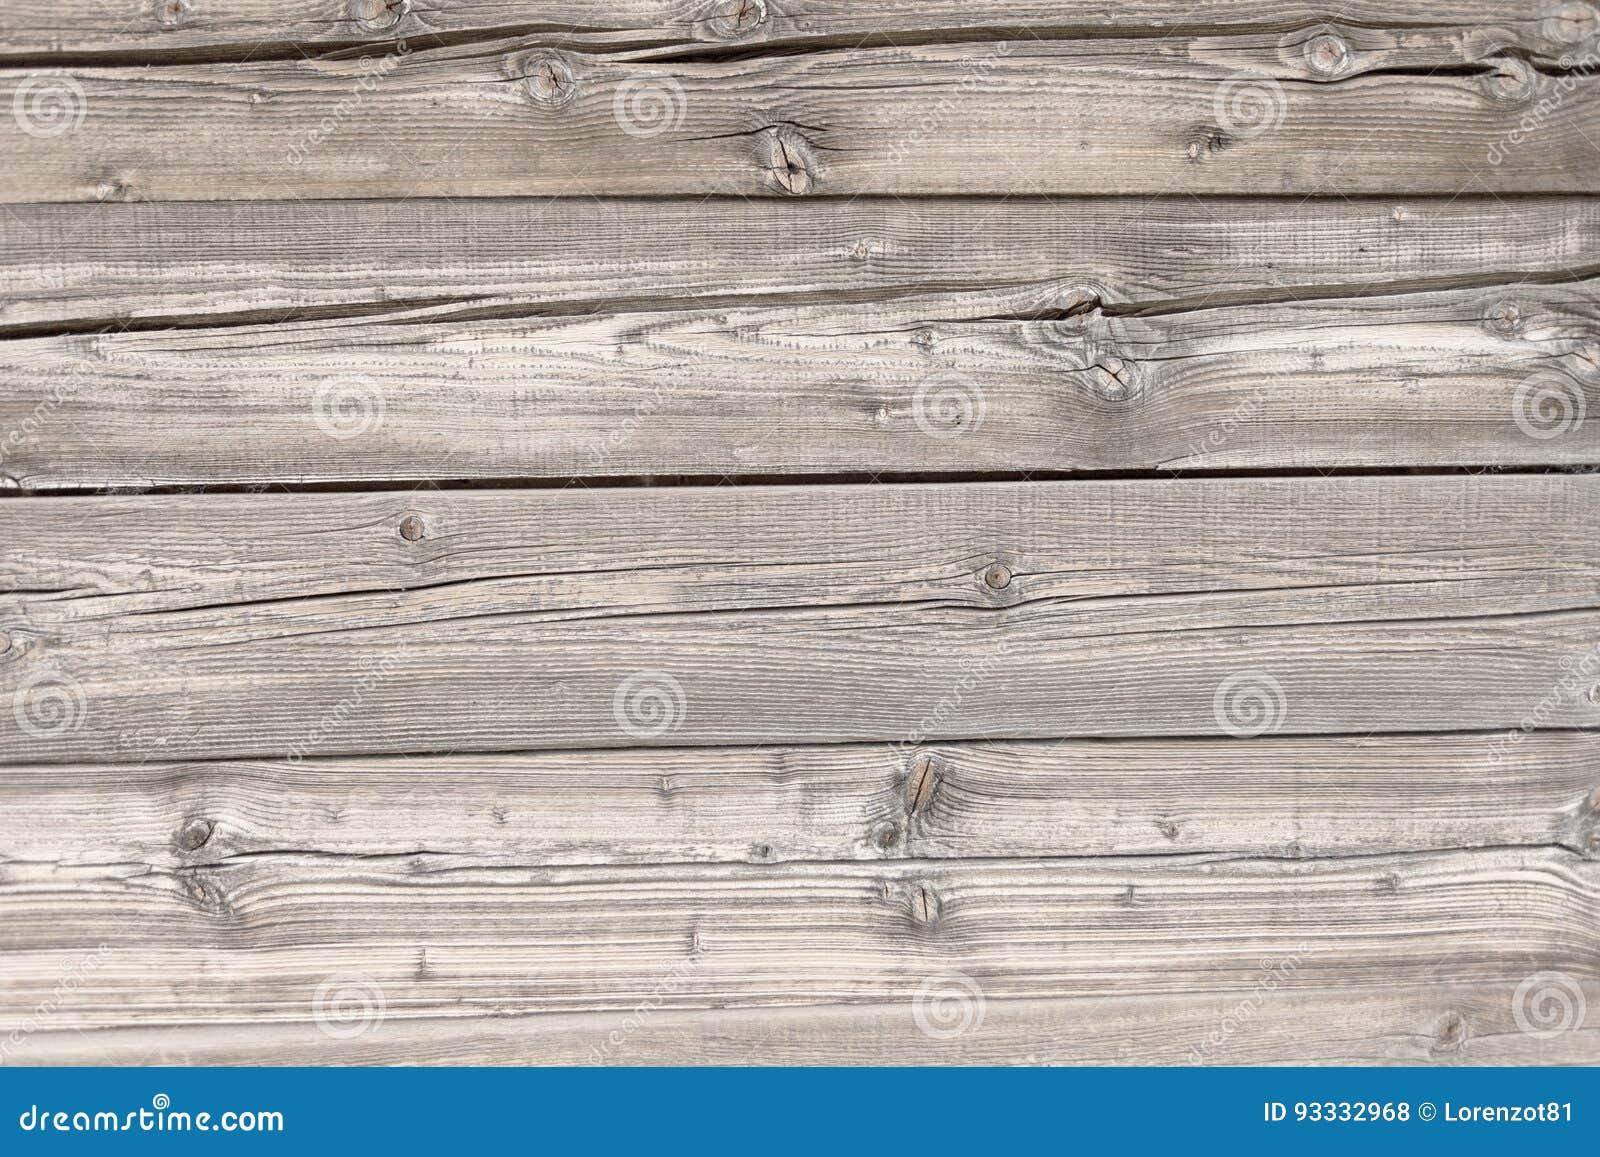 Legno Naturale Bianco : Il bianco naturale ha colorato i pannelli di legno di pino come